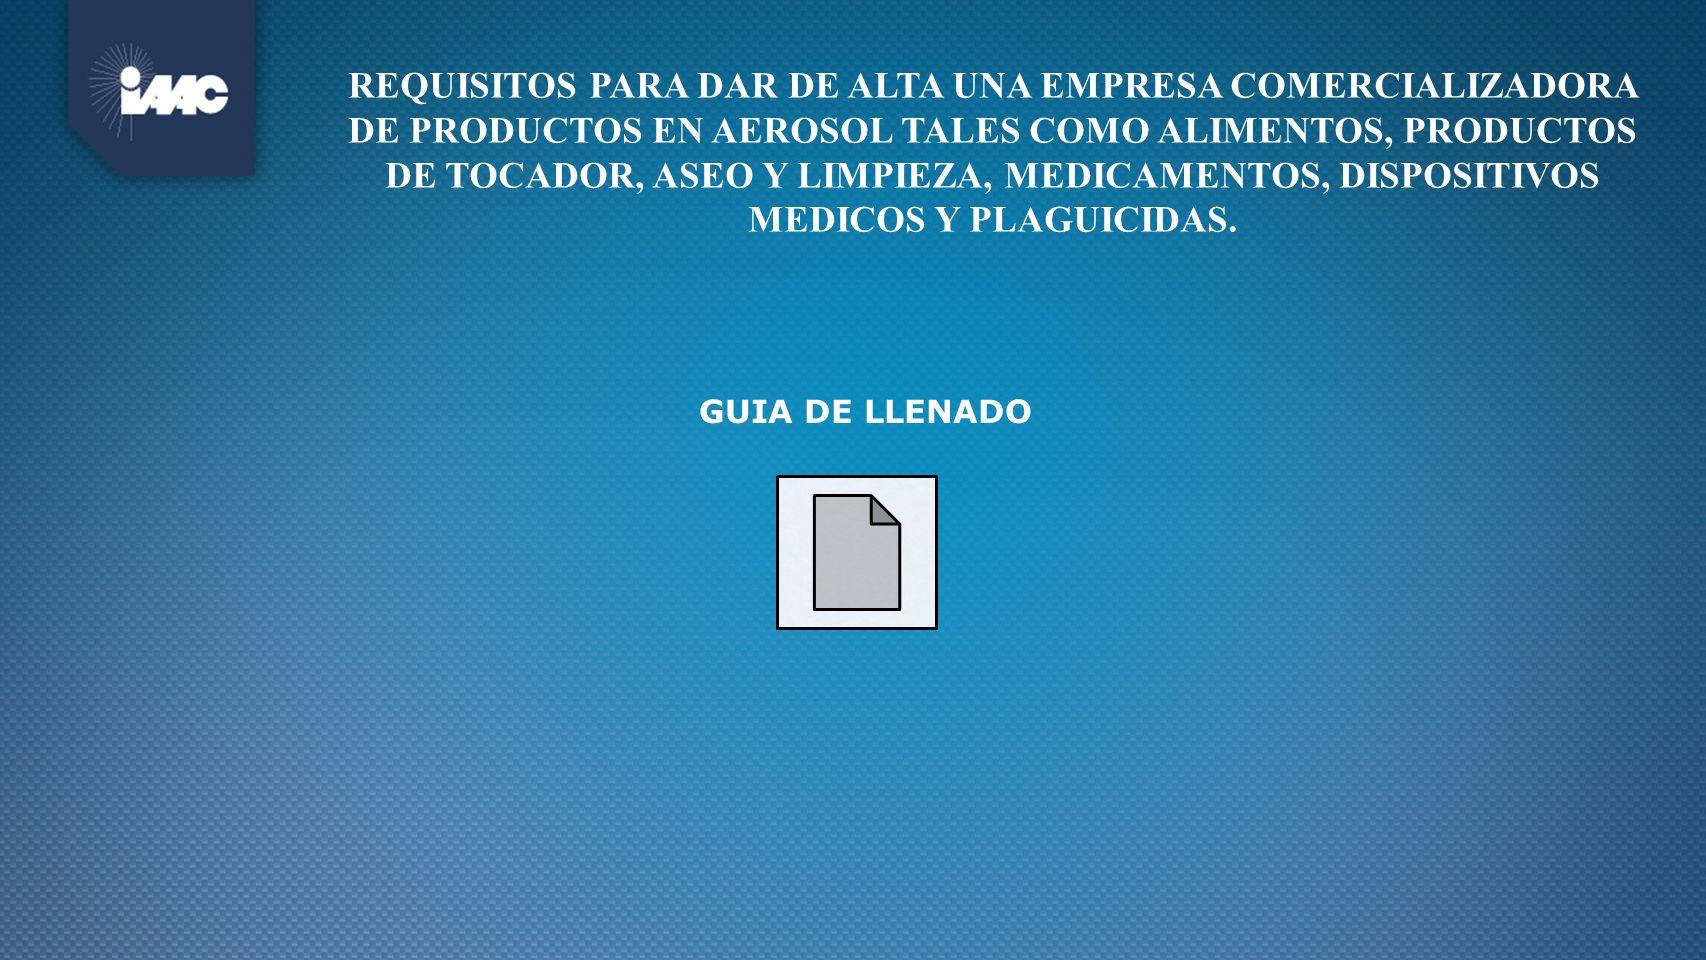 REQUISITOS PARA DAR DE ALTA UNA EMPRESA COMERCIALIZADORA DE PRODUCTOS EN AEROSOL TALES COMO ALIMENTOS, PRODUCTOS DE TOCADOR, ASEO Y LIMPIEZA, MEDICAMENTOS, DISPOSITIVOS MEDICOS Y PLAGUICIDAS.